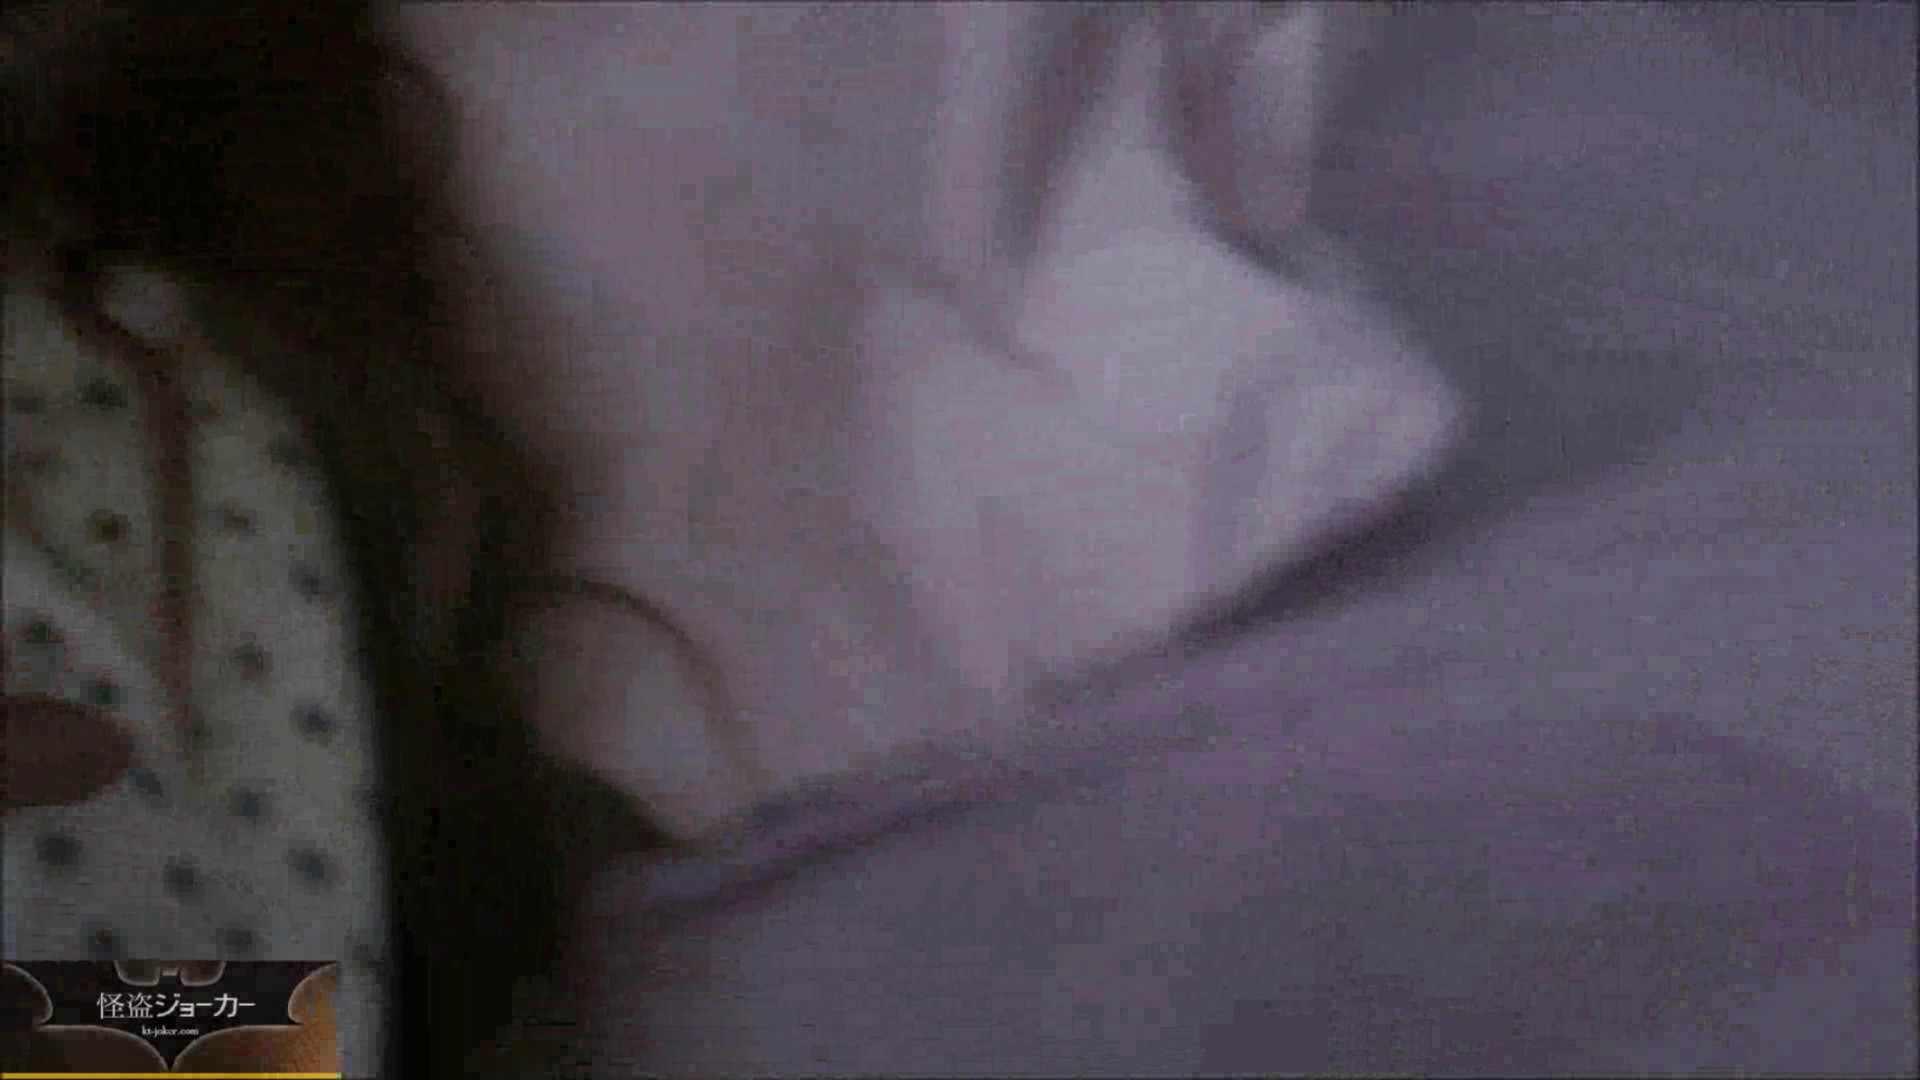 【未公開】vol.1 【ユリナの実女市・ヒトミ】若ママを目民らせて・・・ いじくり   高画質動画  70画像 37